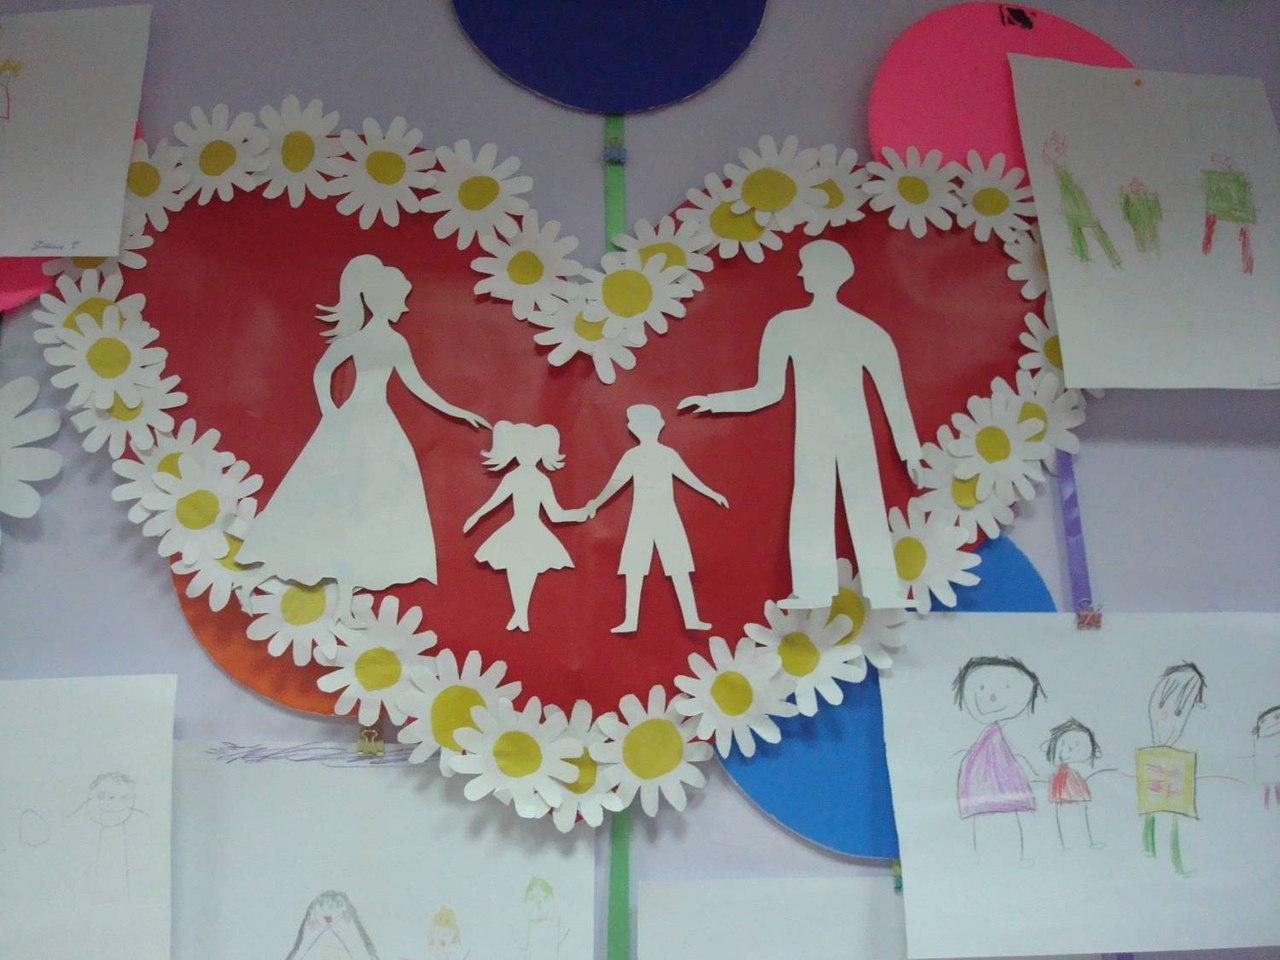 открытка ко дню семьи своими руками мастер класс